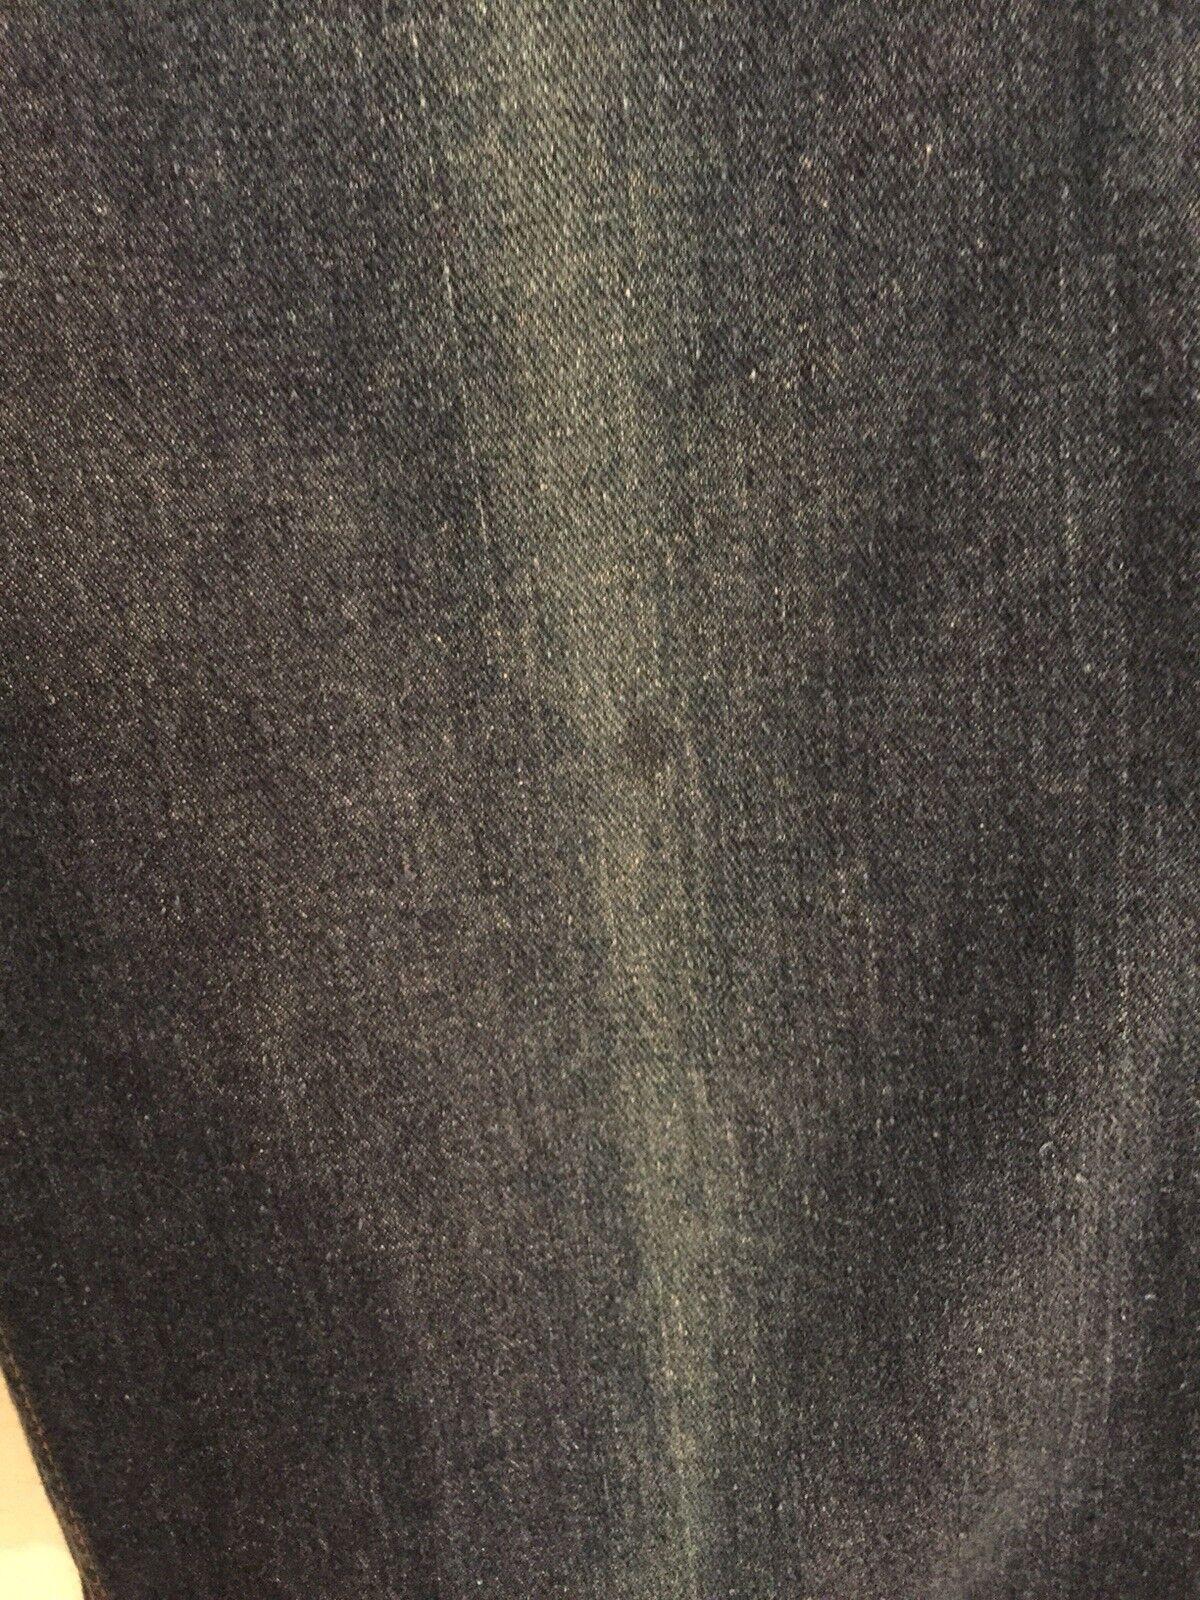 Vintage N'est-Ce Pas? Jeans - image 7